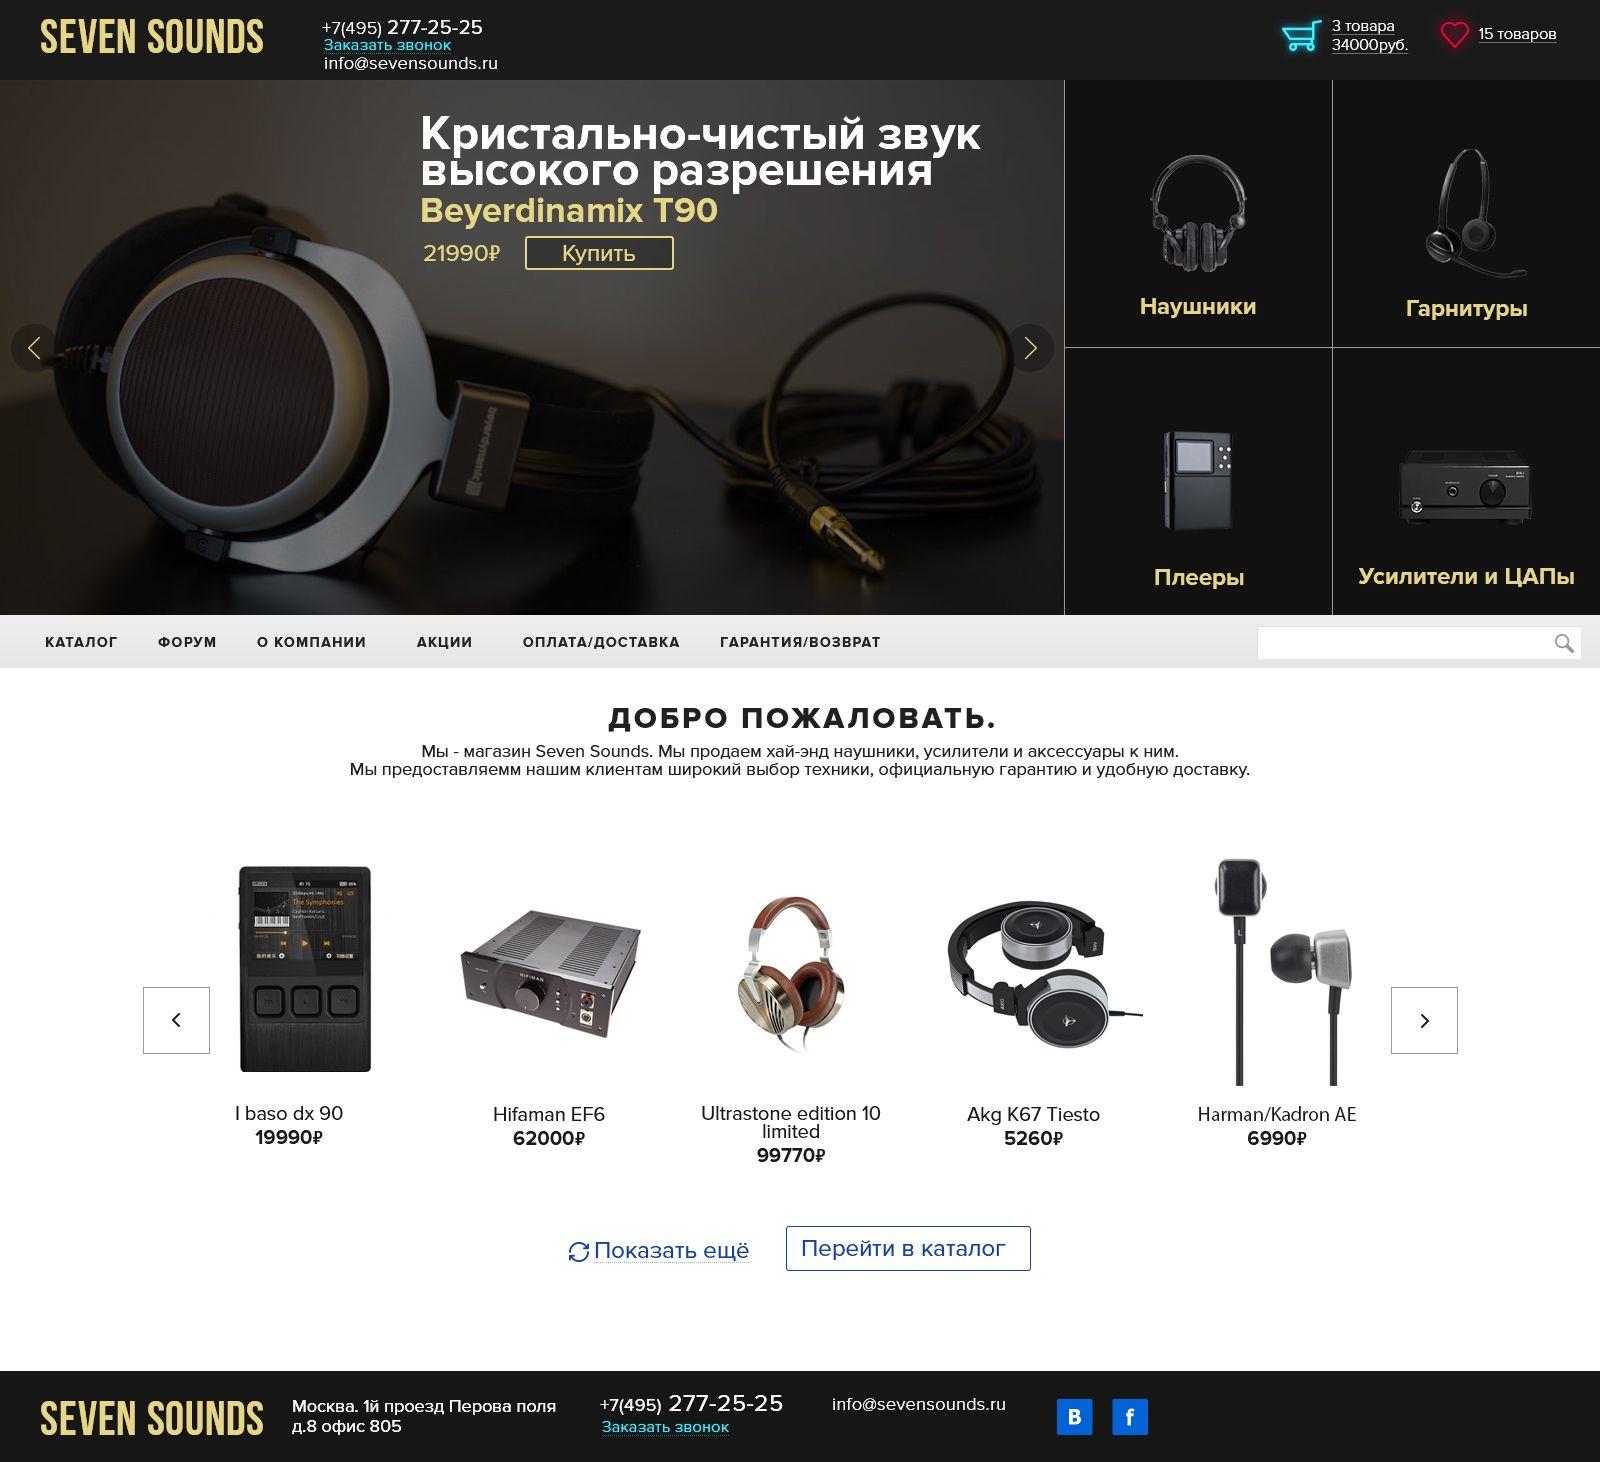 сайт для им наушников для профессионалов работа дизайнера